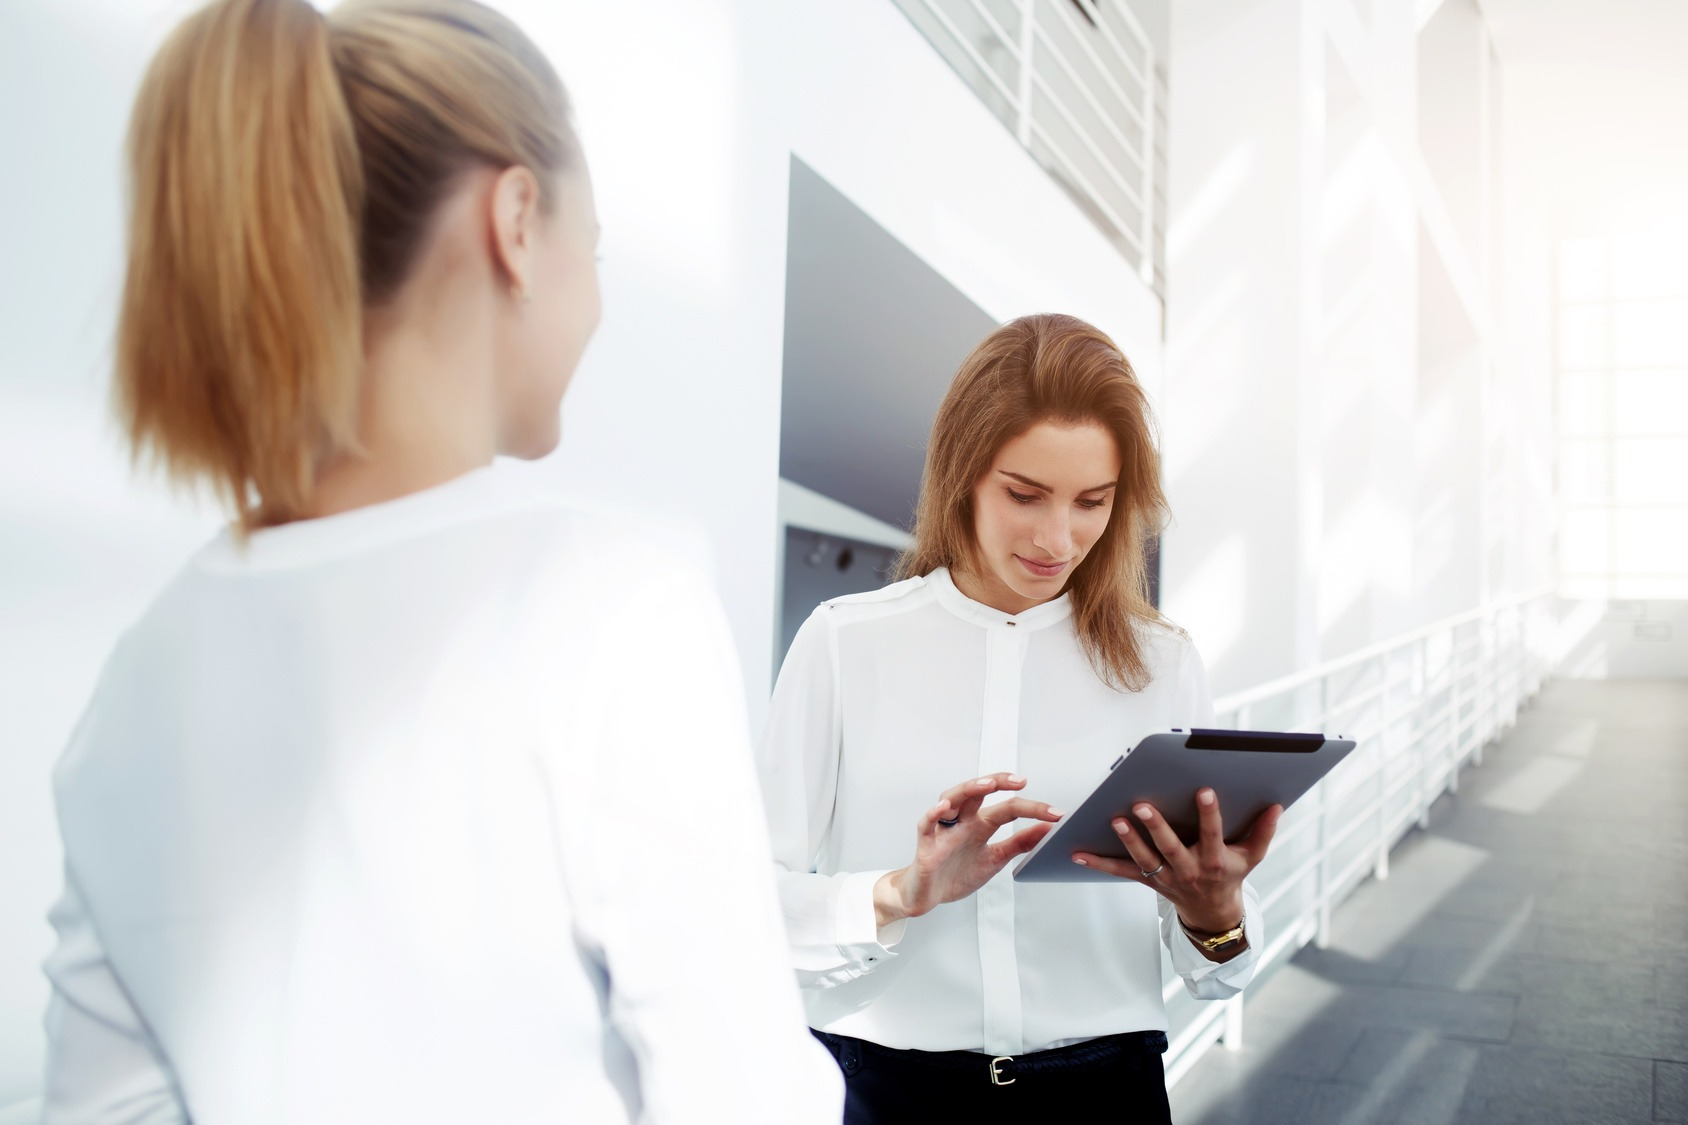 Zwei Studentinnen stehen sich in einem hellen Korridor gegenüber. Eine der Beiden hält ein Tablet.